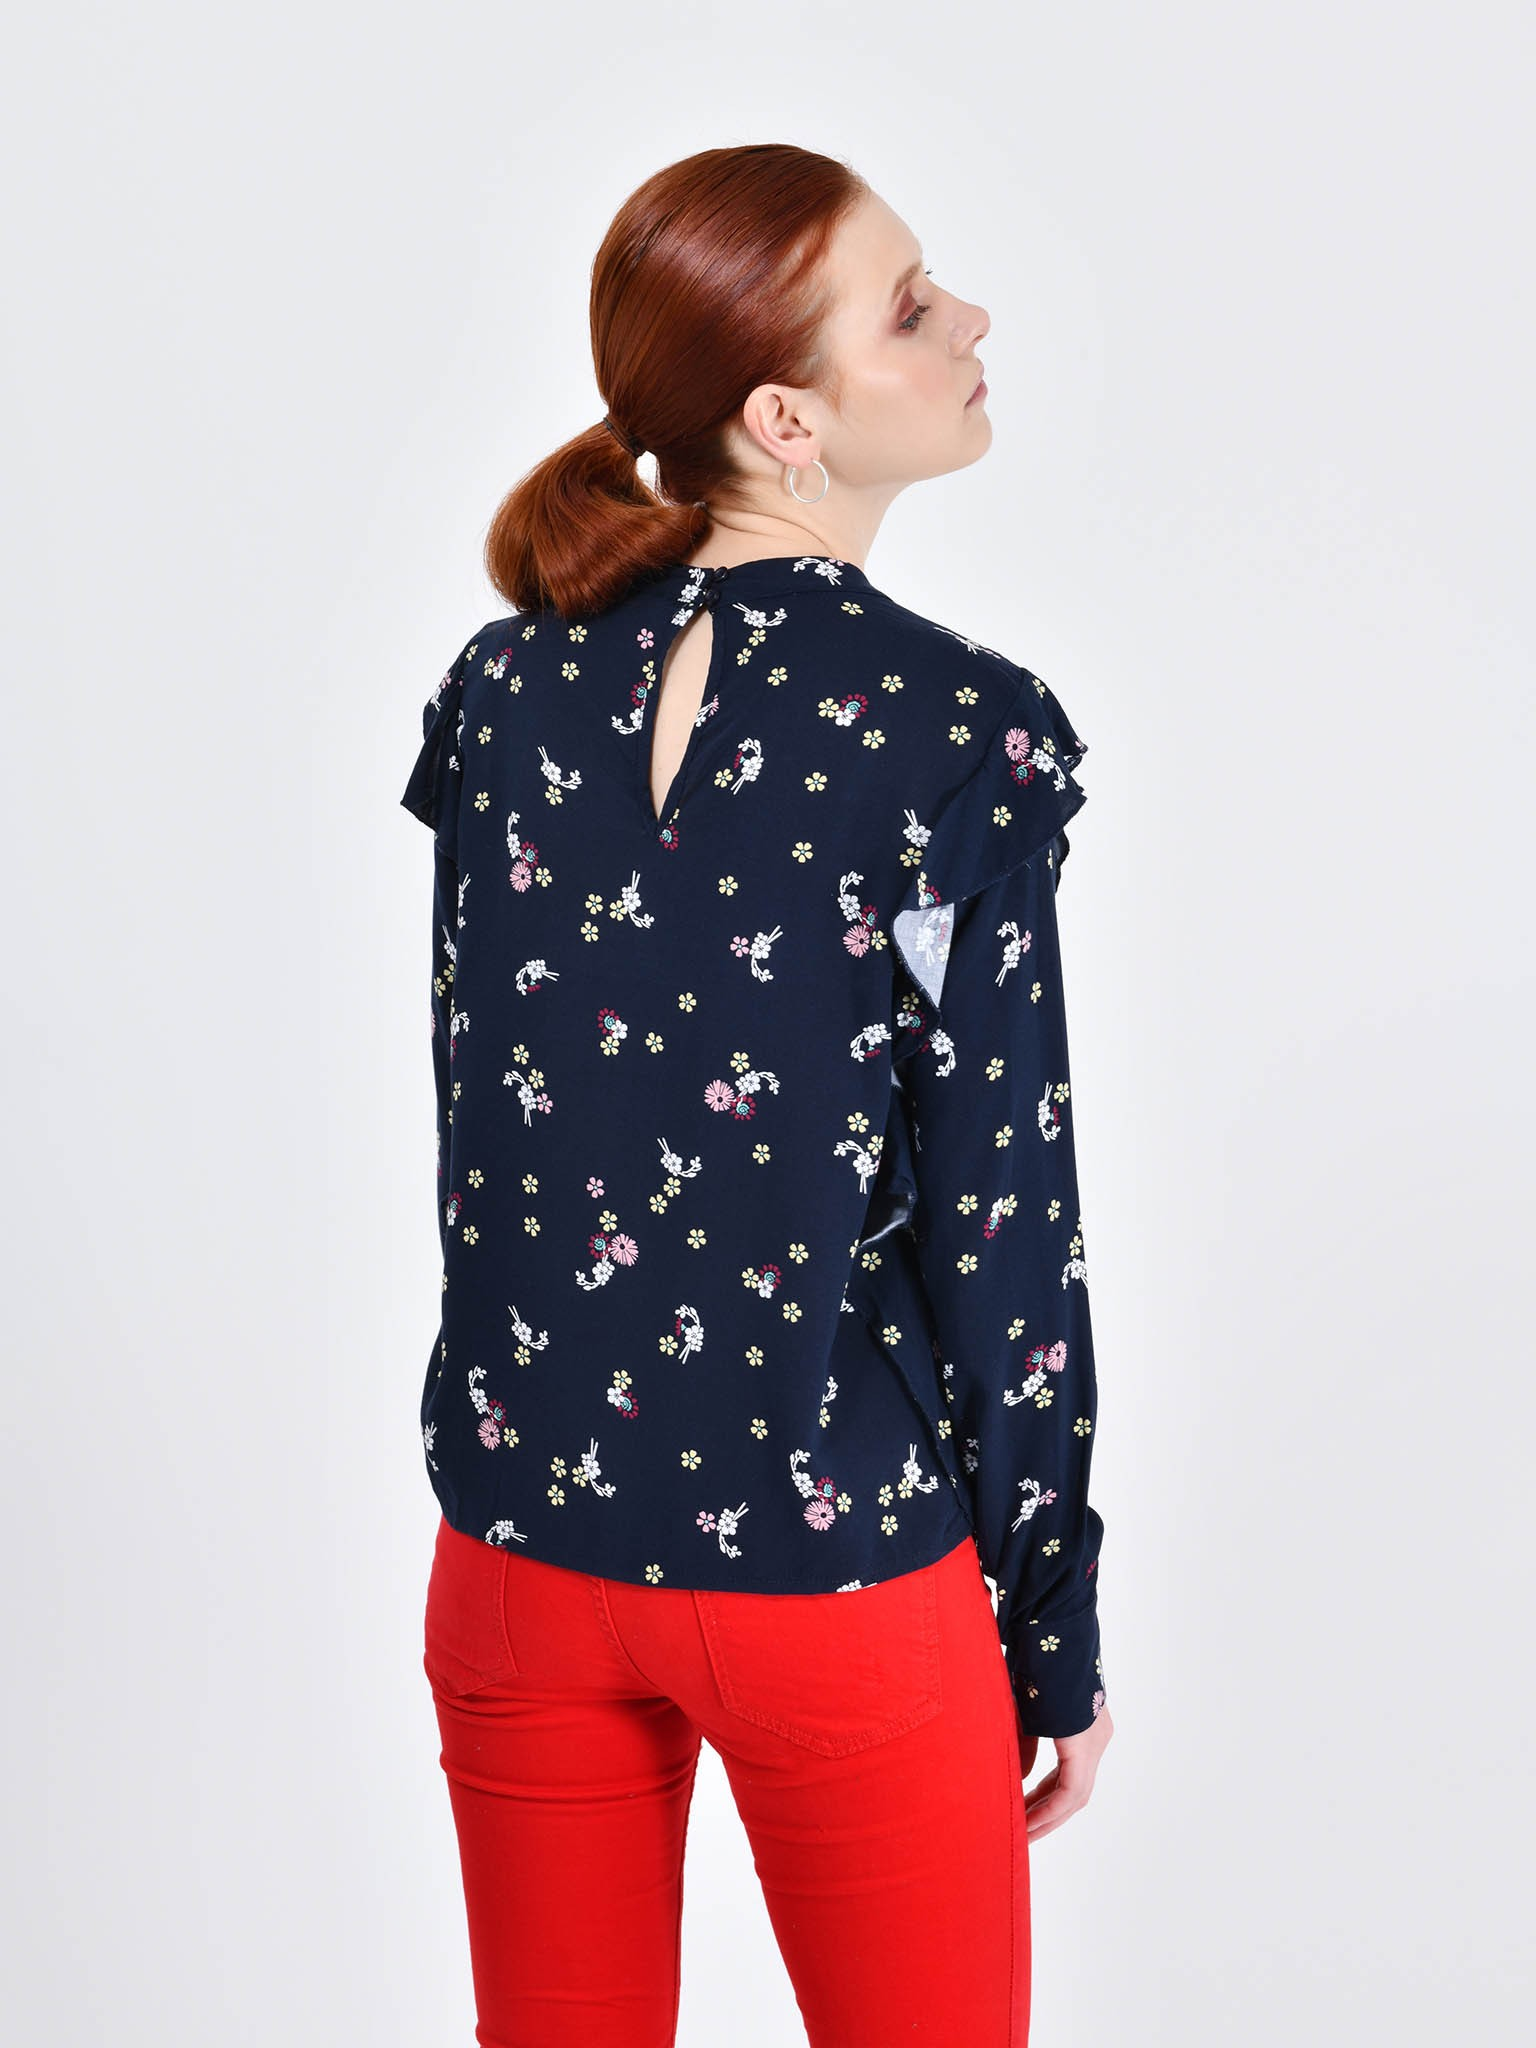 Cuidado con el Perro - Blusa Estampado Floral e47fcd146dcc4